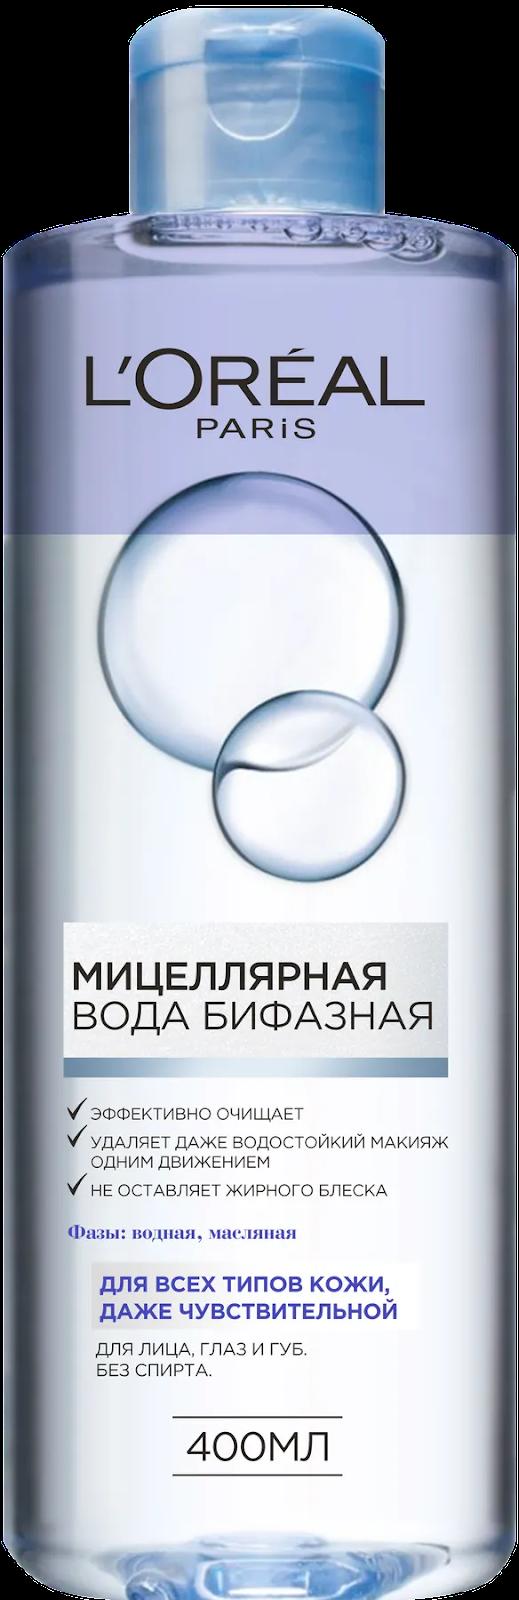 Назначение мицеллярной воды